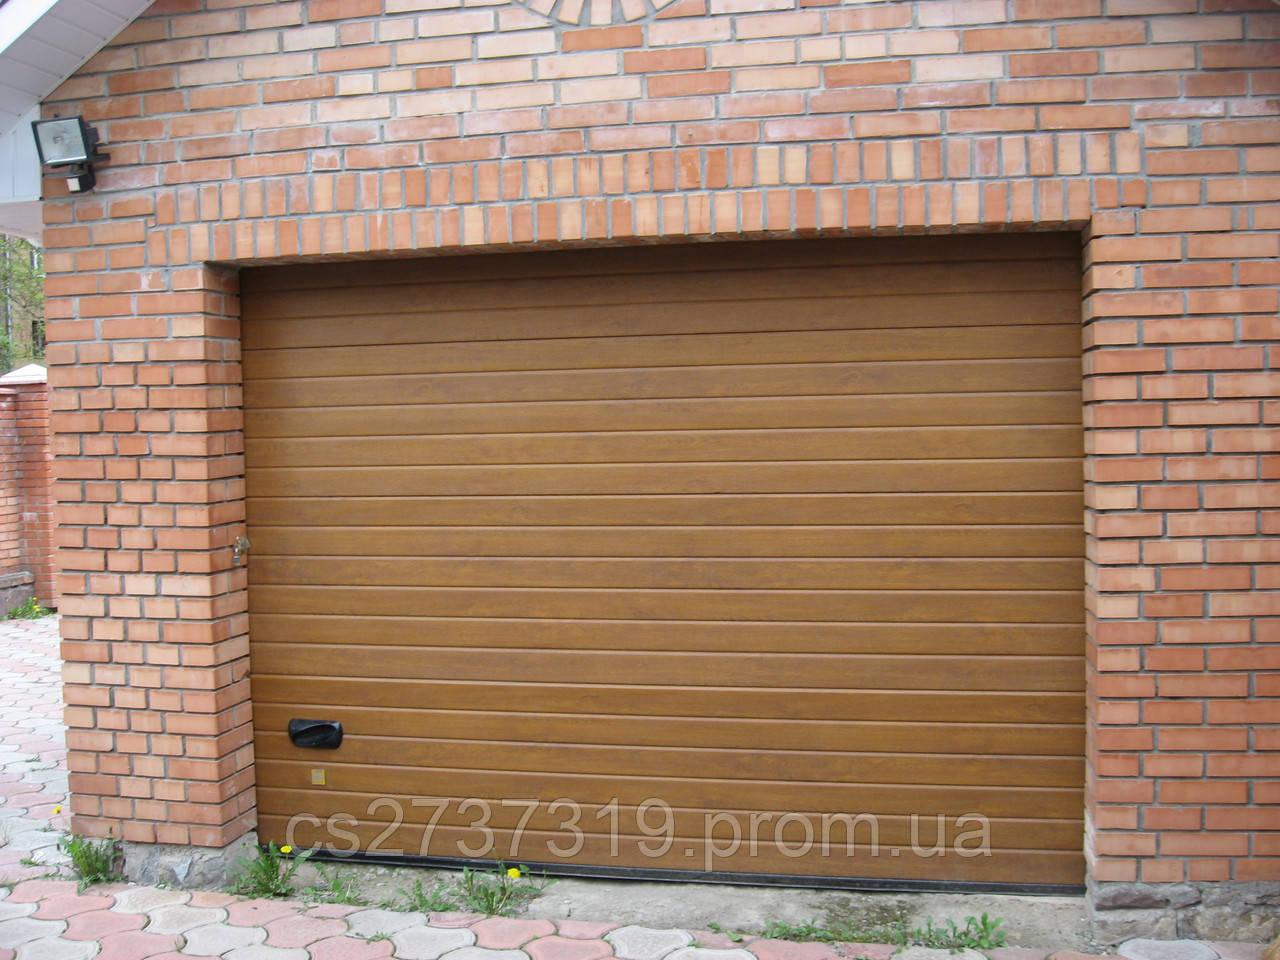 Гаражные секционные ворота 2800*2200